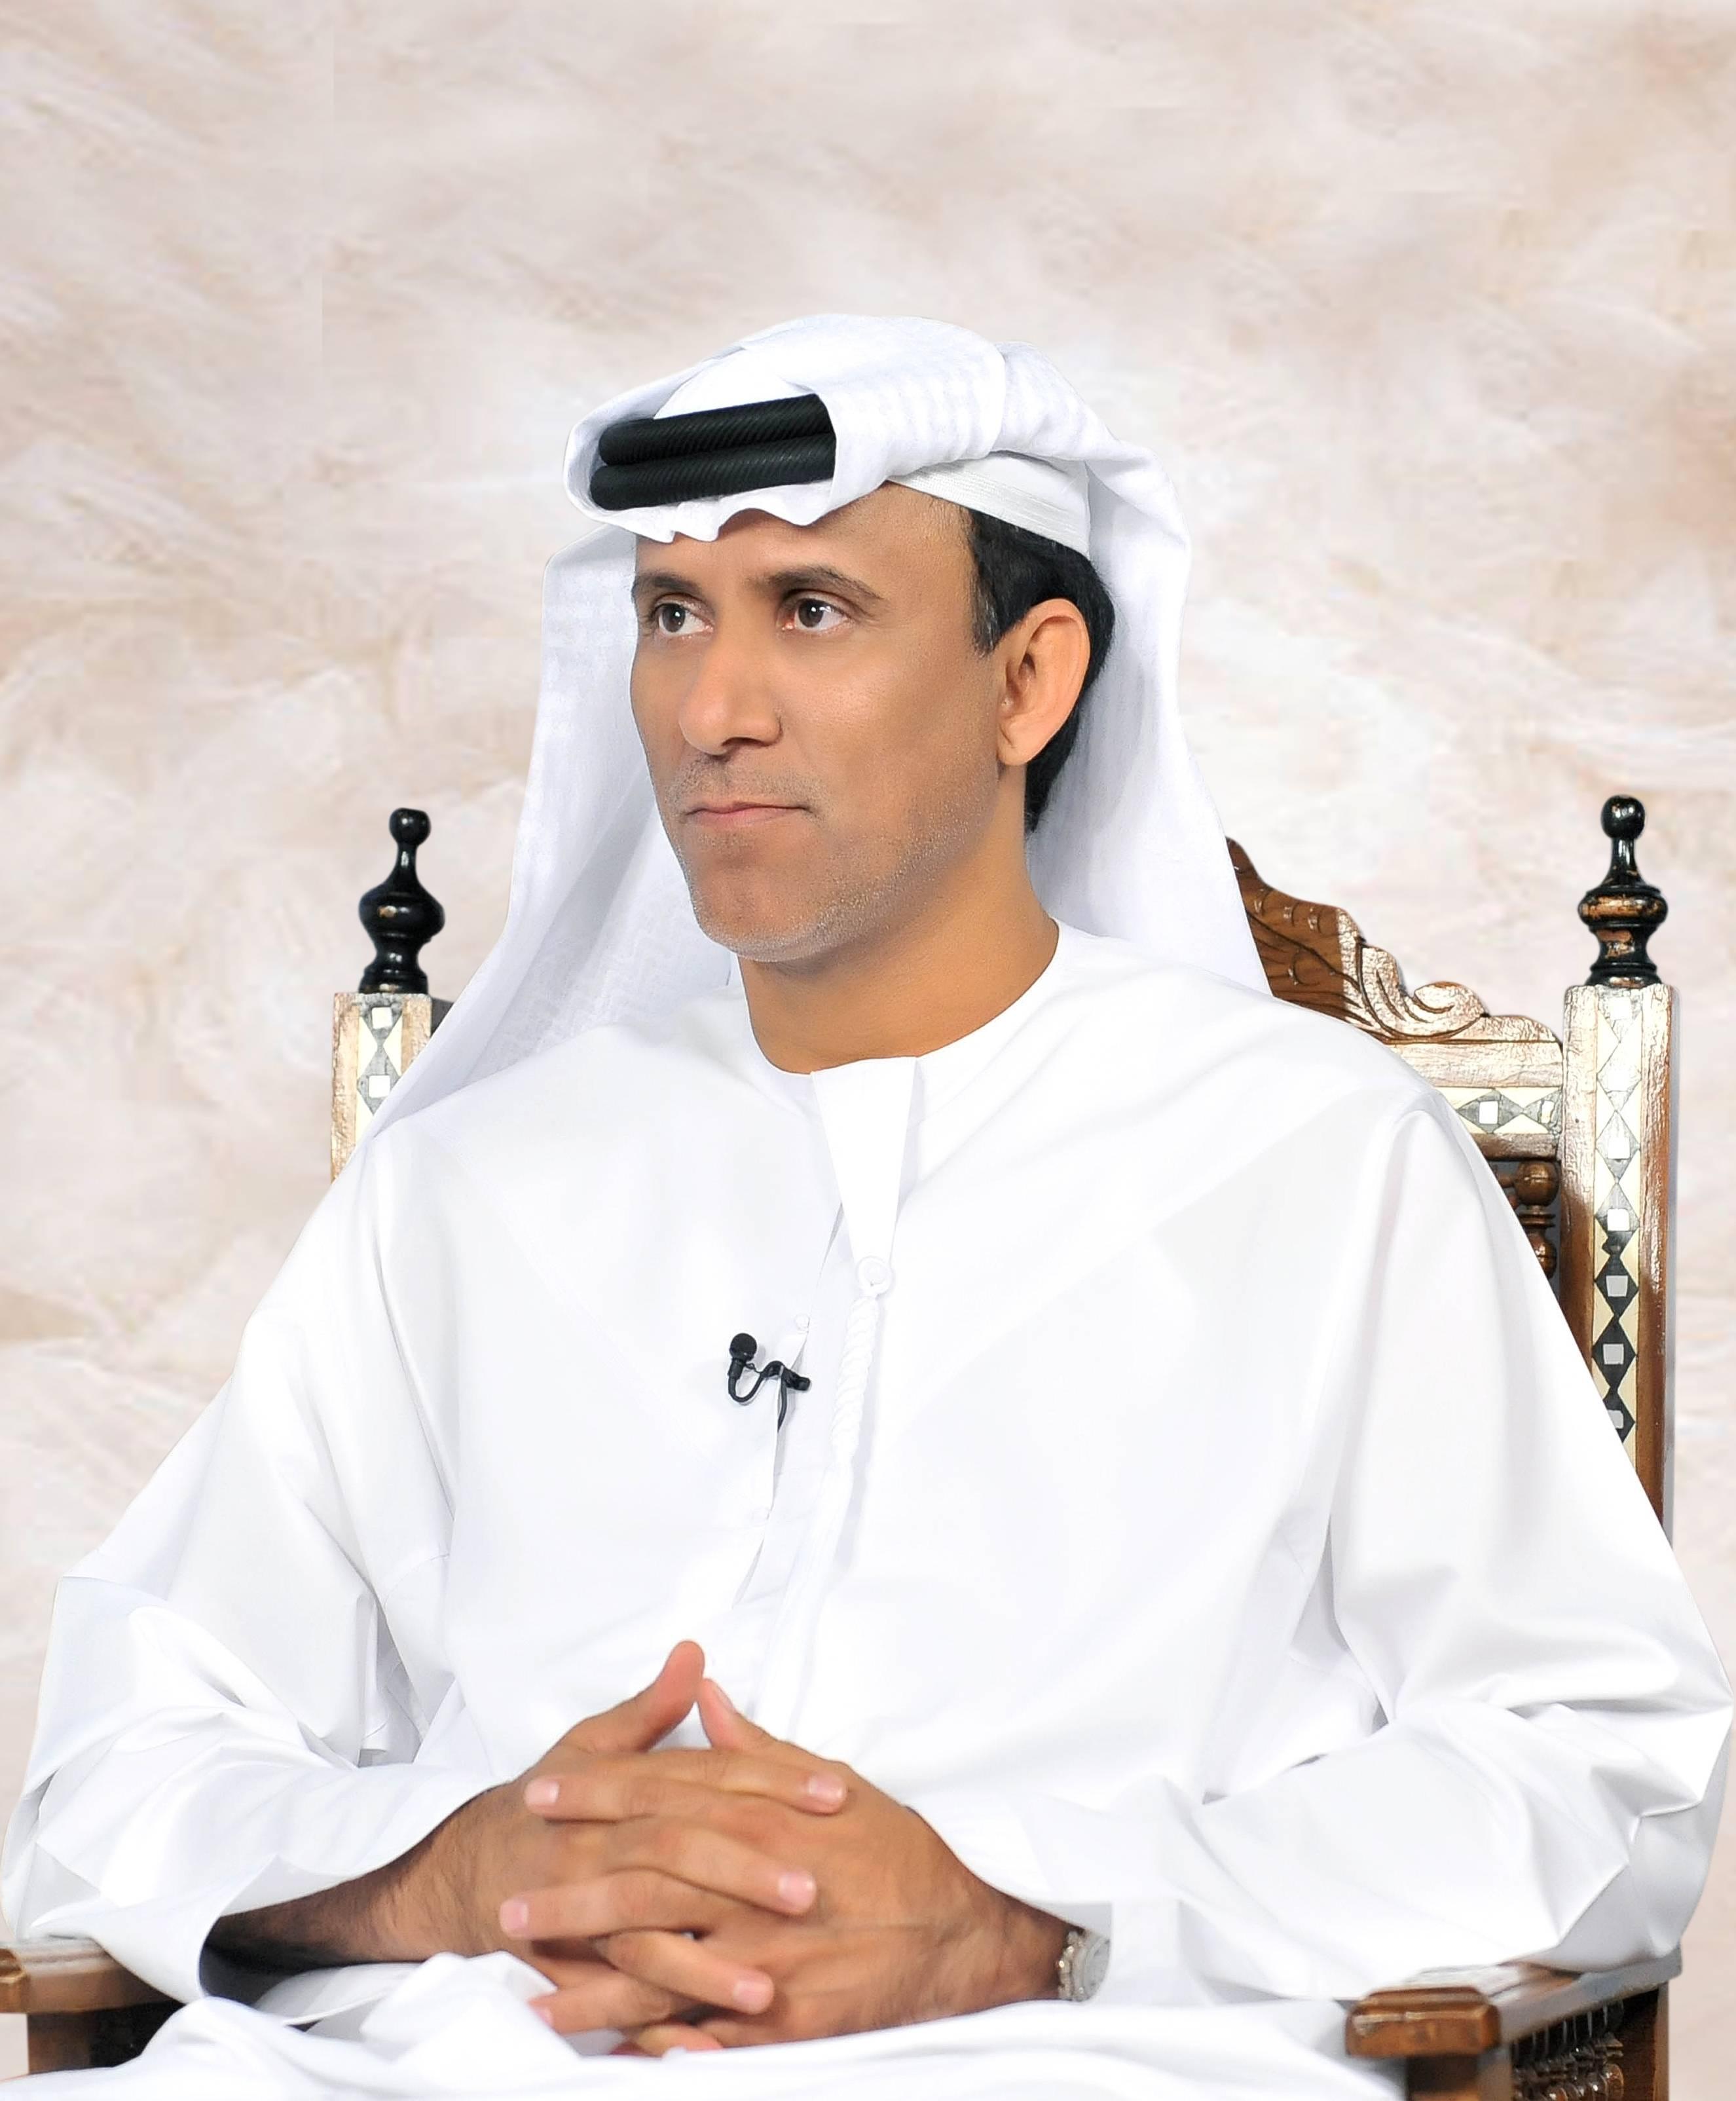 فضية لجودو الإمارات في الجائزة الكبرى بكندا